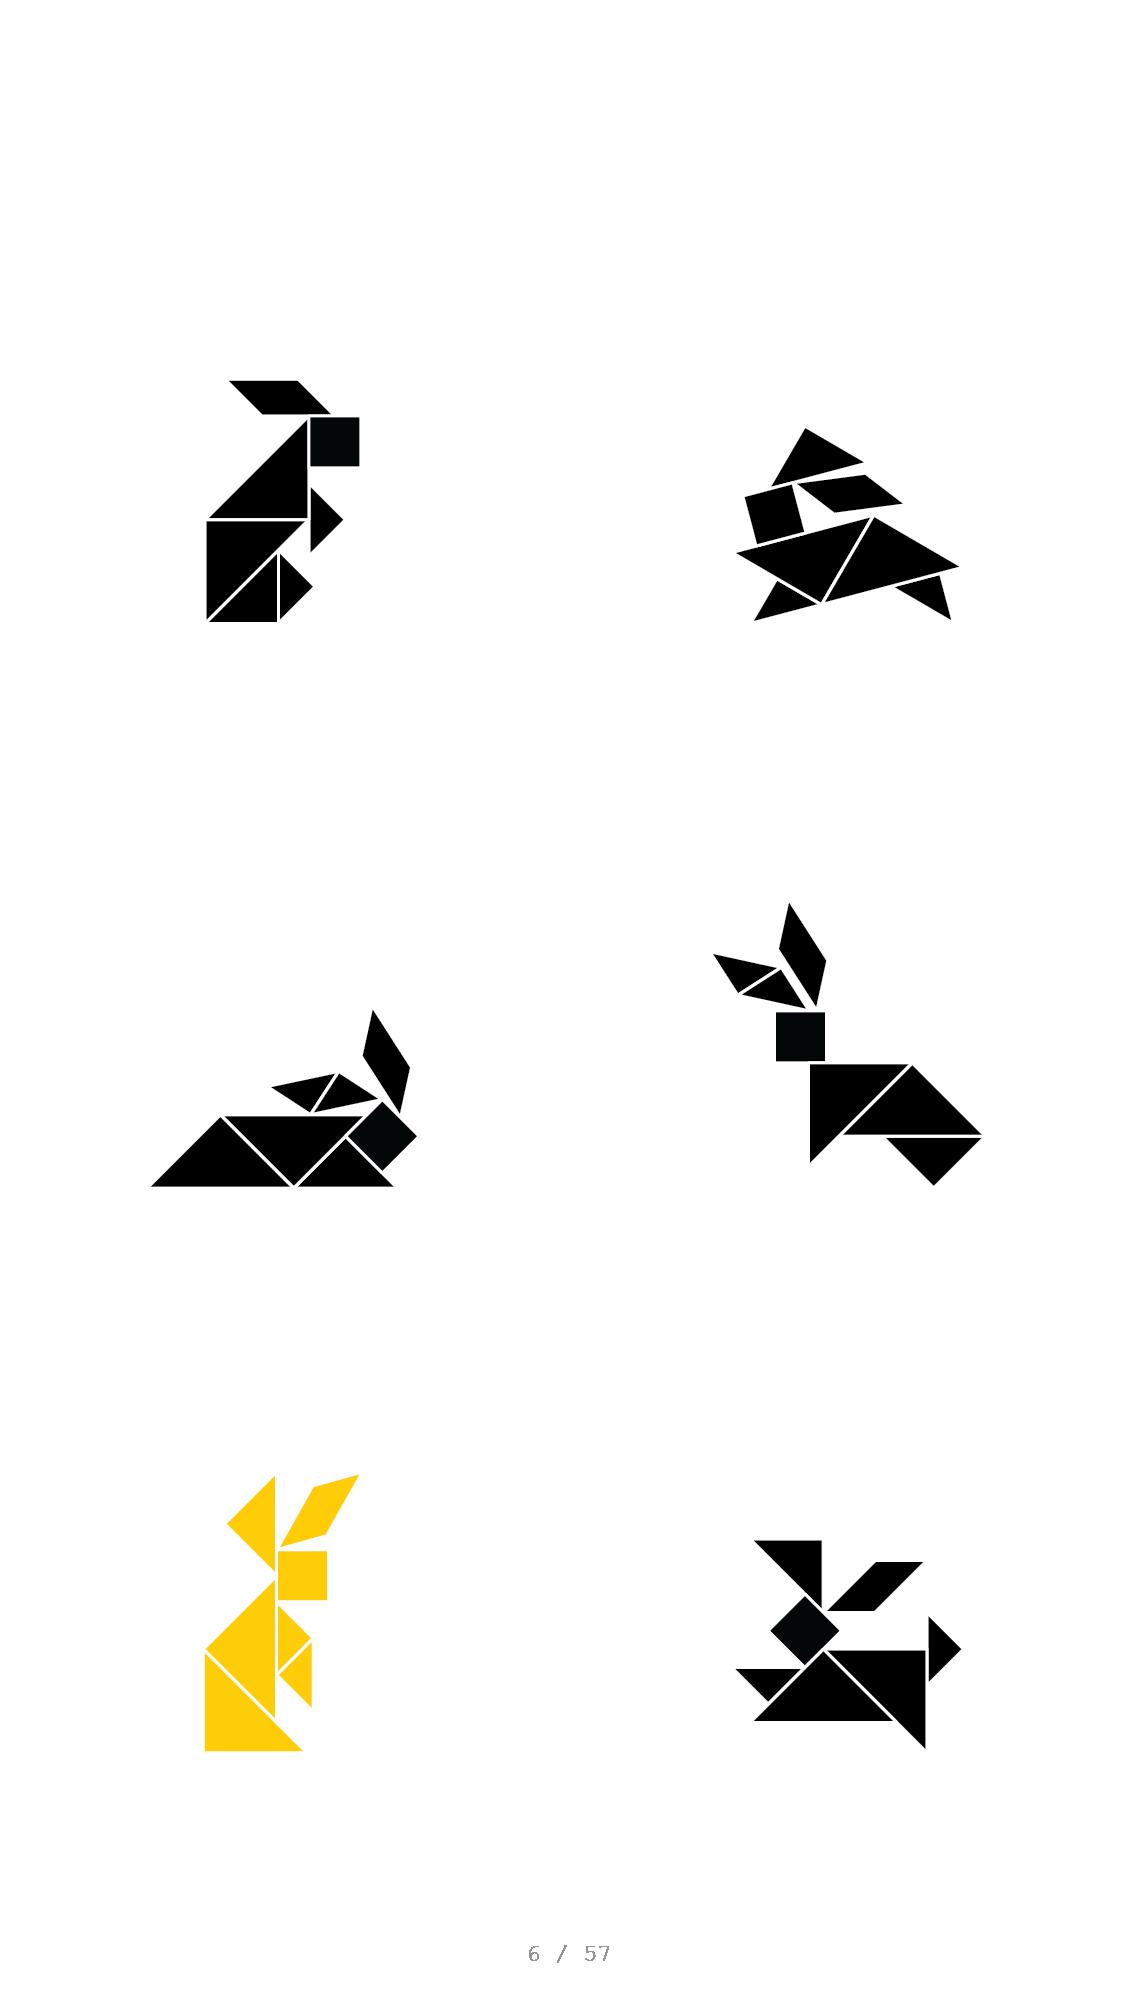 Tangram_Layout_2x3_schwarz-06